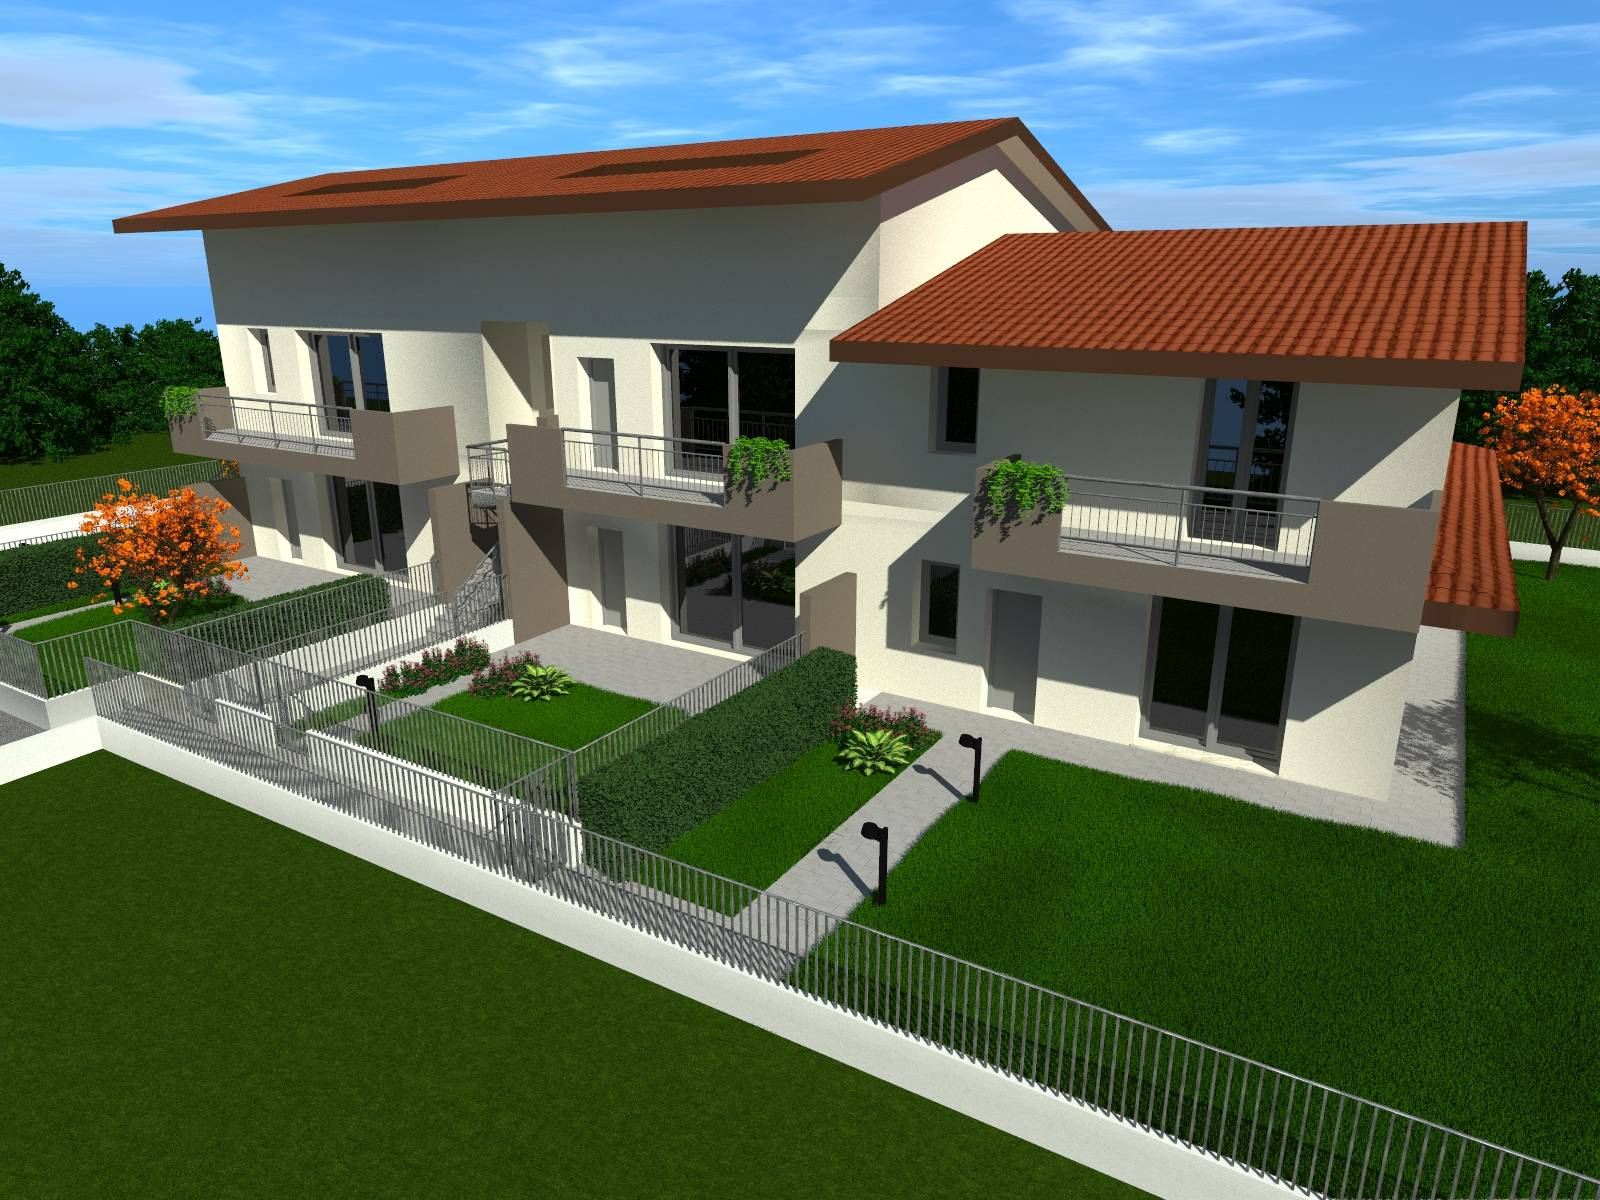 Appartamento in vendita a Grassobbio, 4 locali, prezzo € 315.000   PortaleAgenzieImmobiliari.it